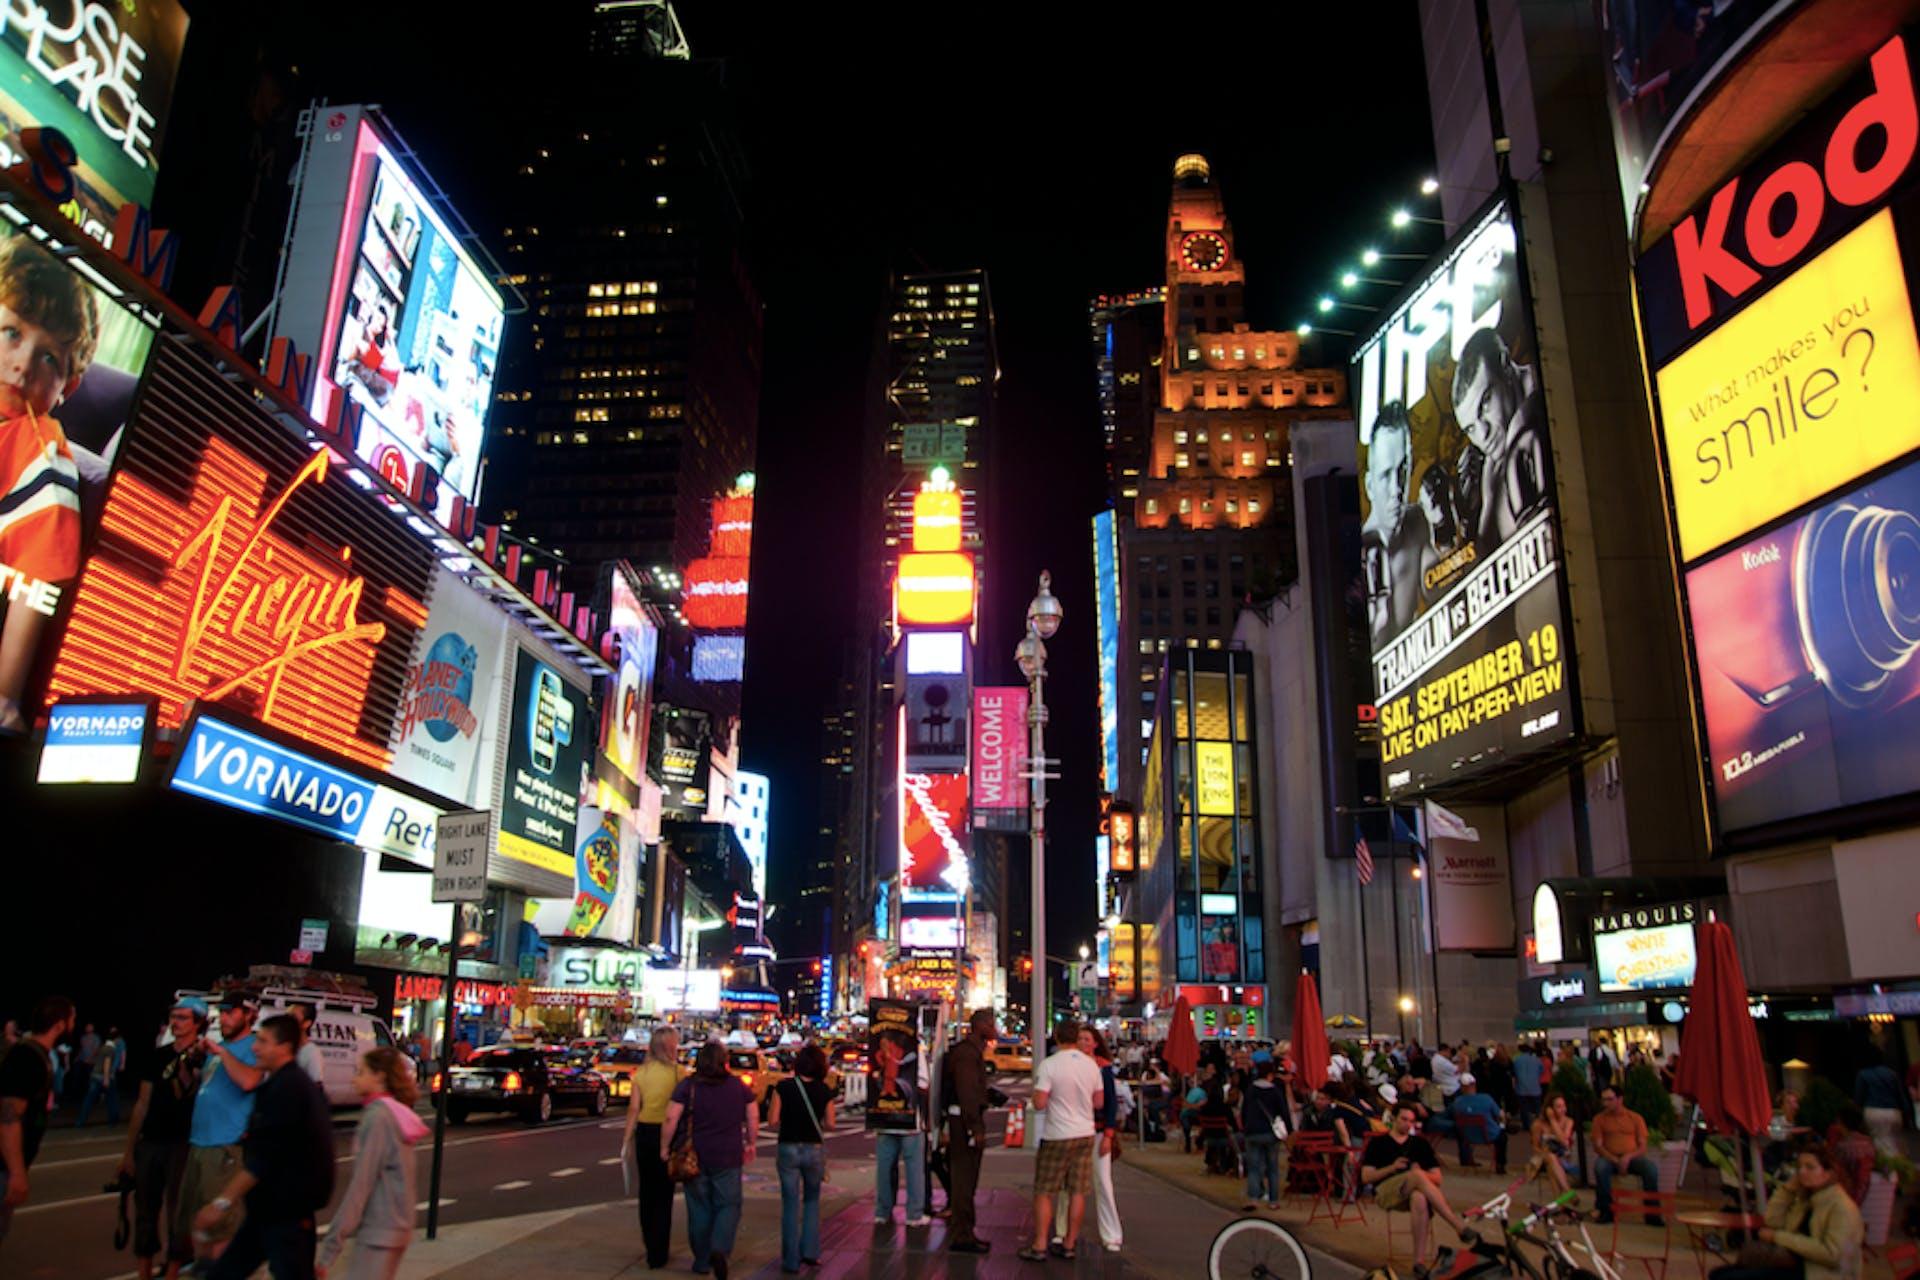 Man sieht einen Straßenzug bei Nacht voller Schaufenster und Marken, deren Schriftzüge leuchten. Dieses Bild ist das Titelbild unseres Beitrags zum Thema Co-Branding.